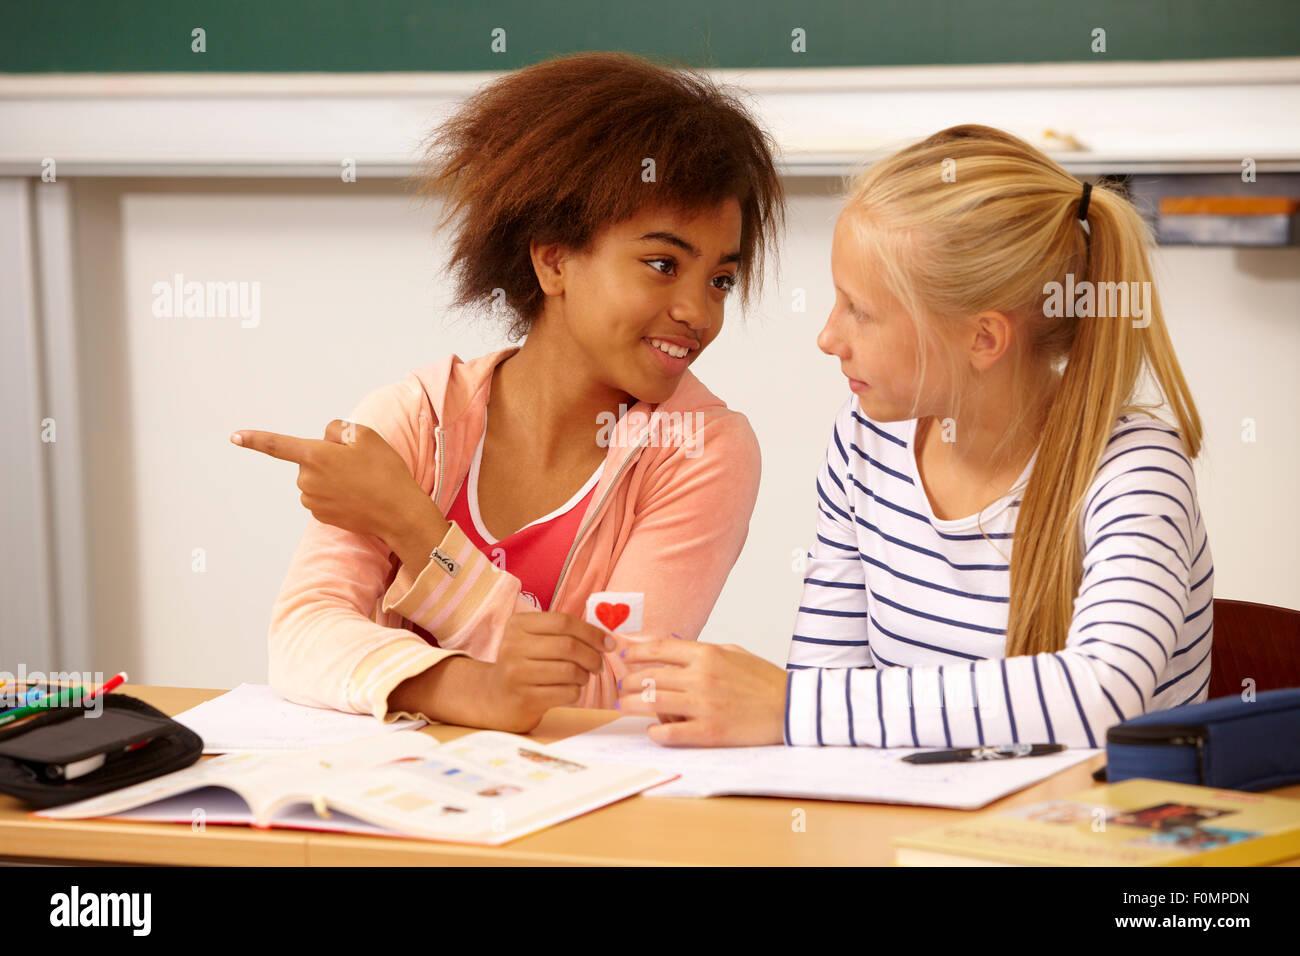 Chica manos sobre una carta de amor a su compañero de clase Foto de stock